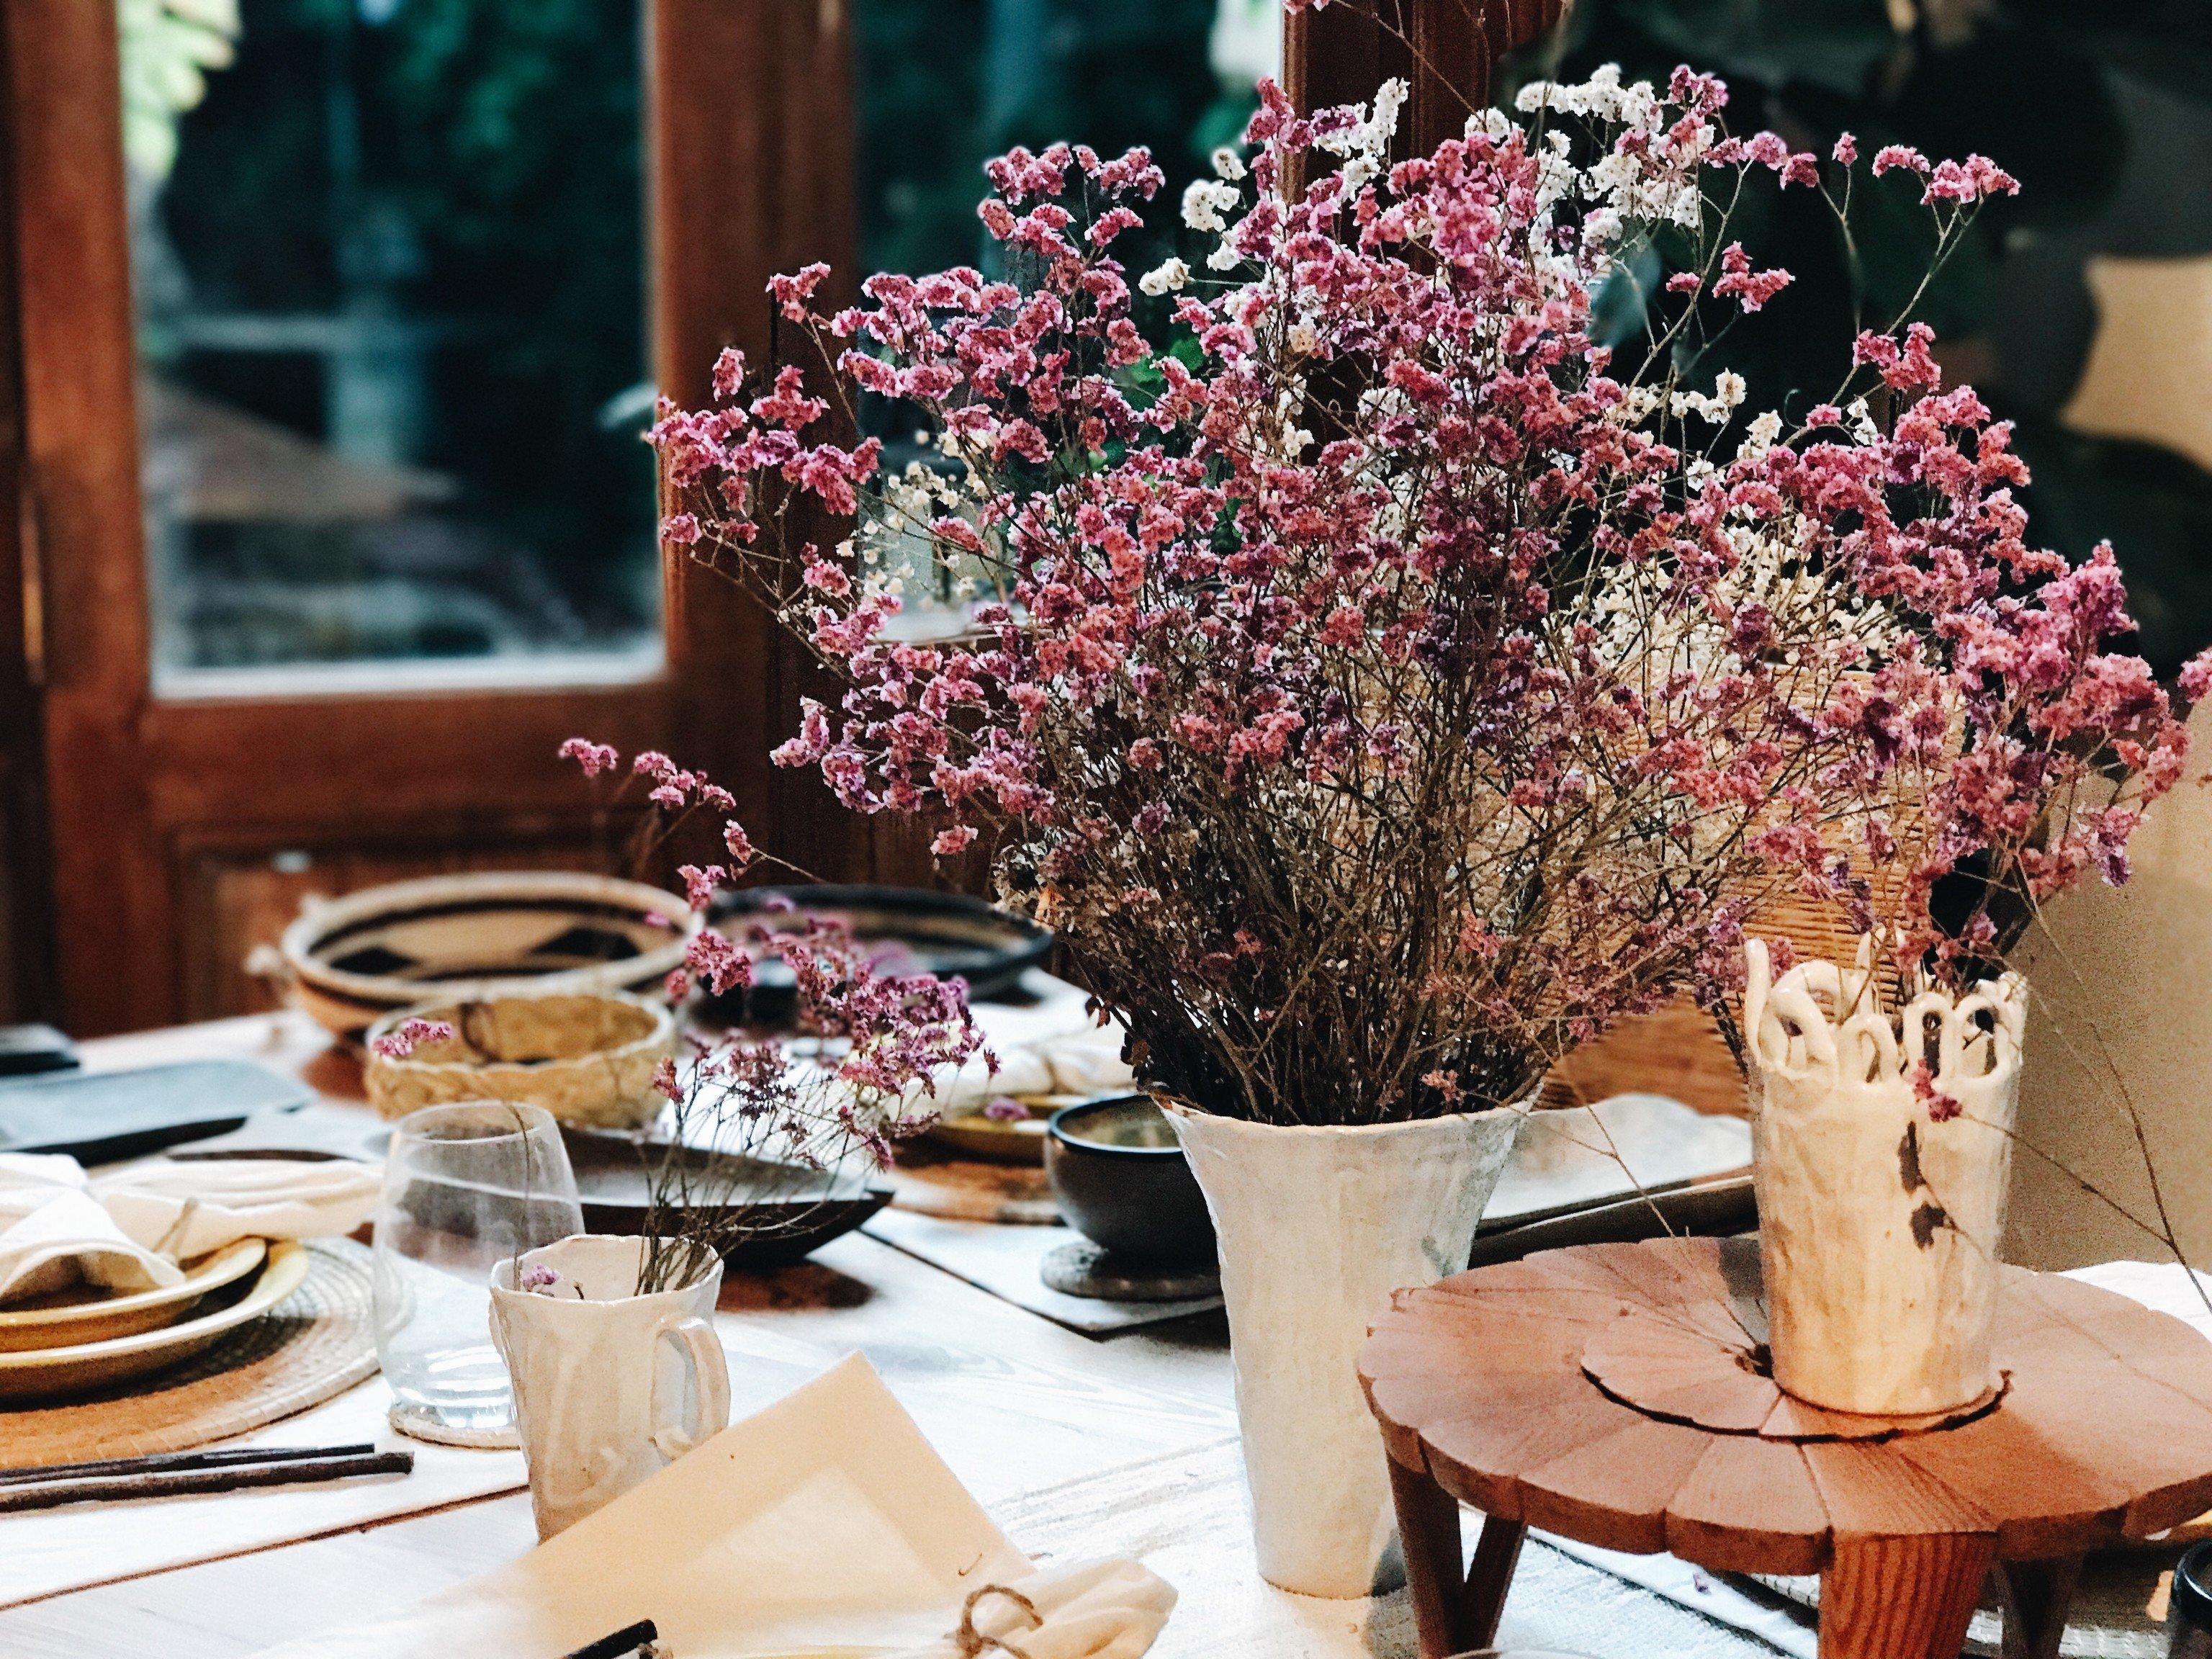 Trip Ideas table flower indoor flower arranging meal centrepiece floristry spring brunch floral design restaurant plant dining table